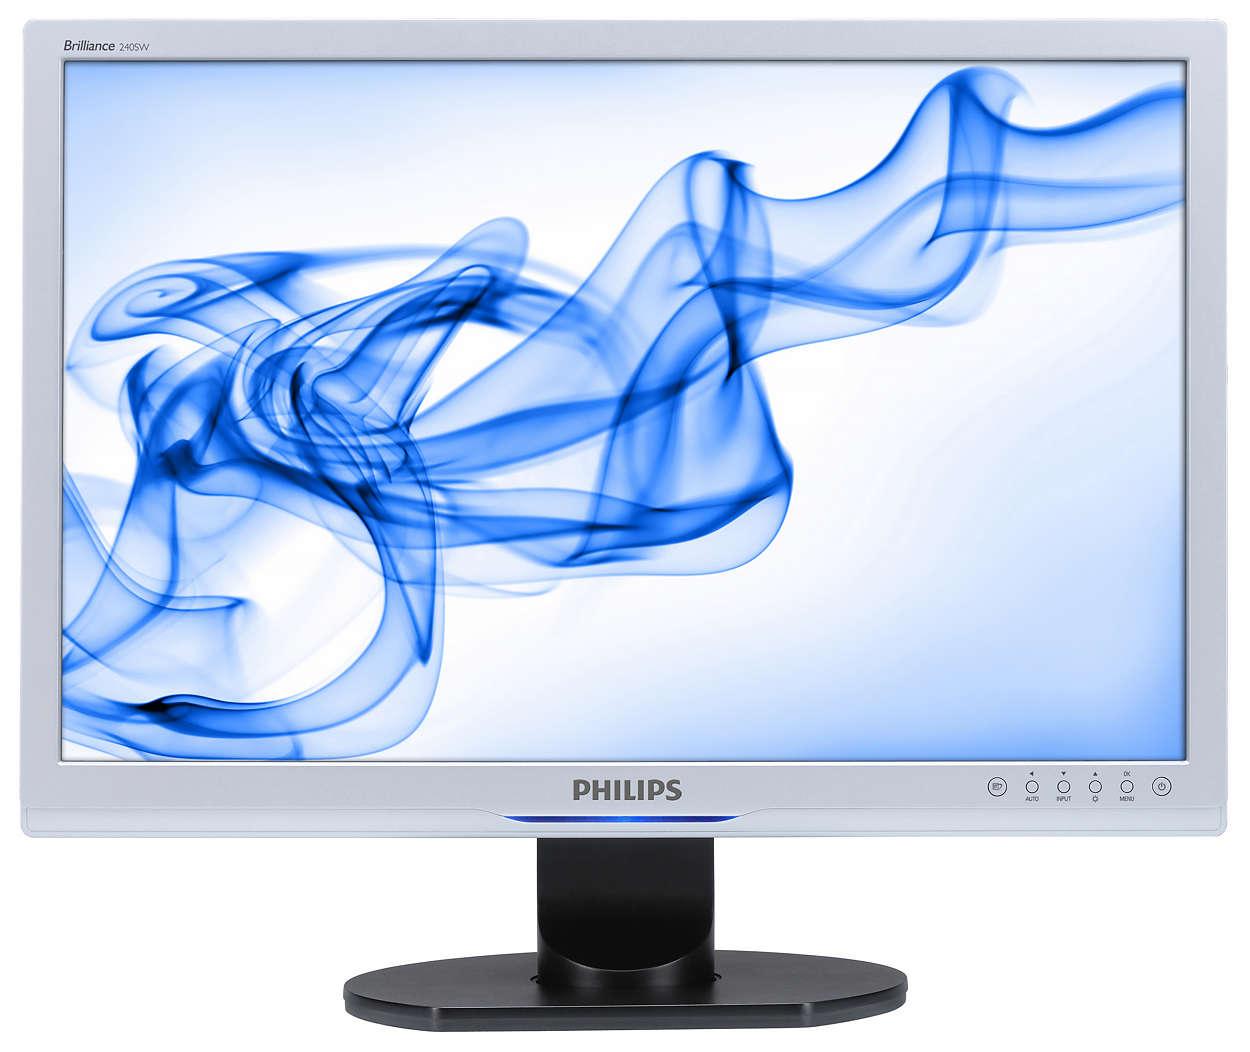 Большой широкоэкранный монитор для повышения продуктивности